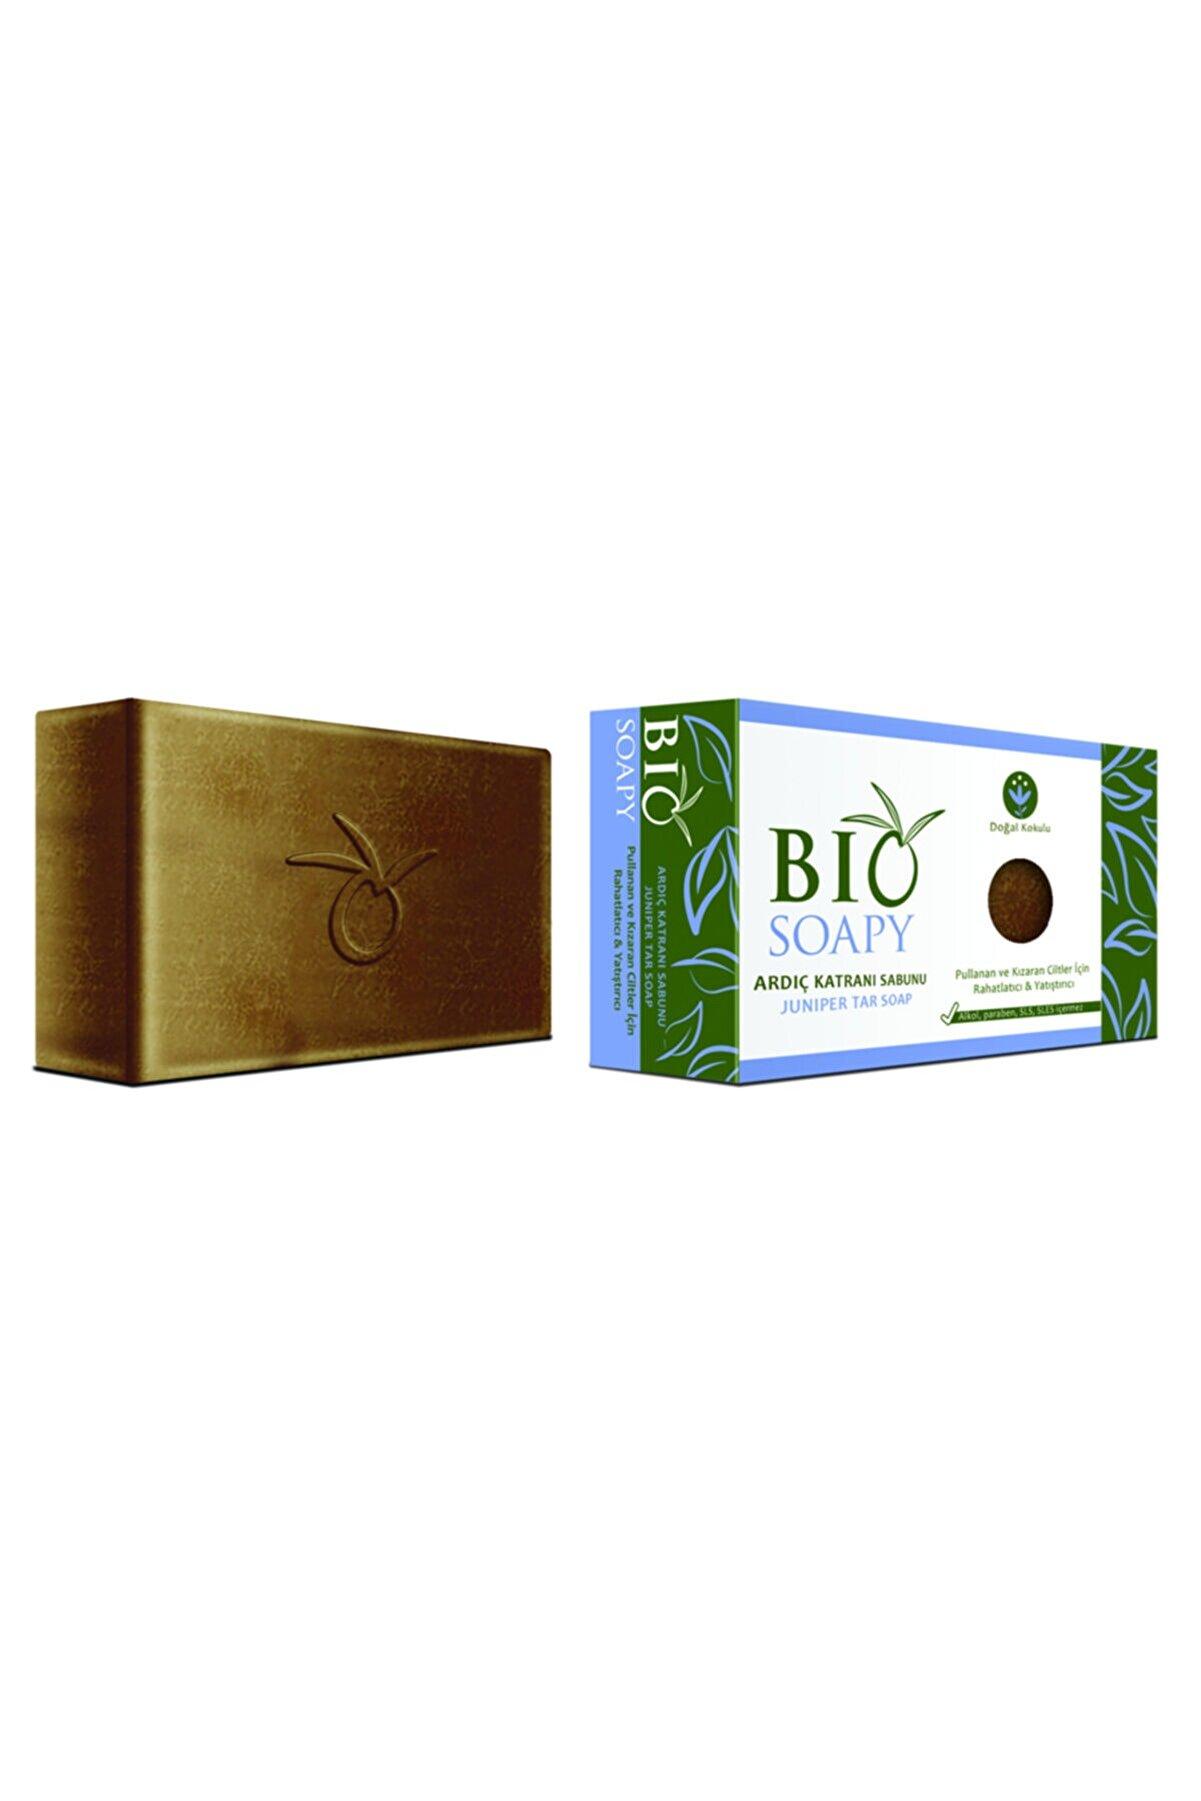 Biosoapy Doğal Ardıç Katranı Sabunu 100 Gr X 3 Adet (kaşıntı, Pullanma Ve Kızarıklıkta Rahatlatıcı Etki)